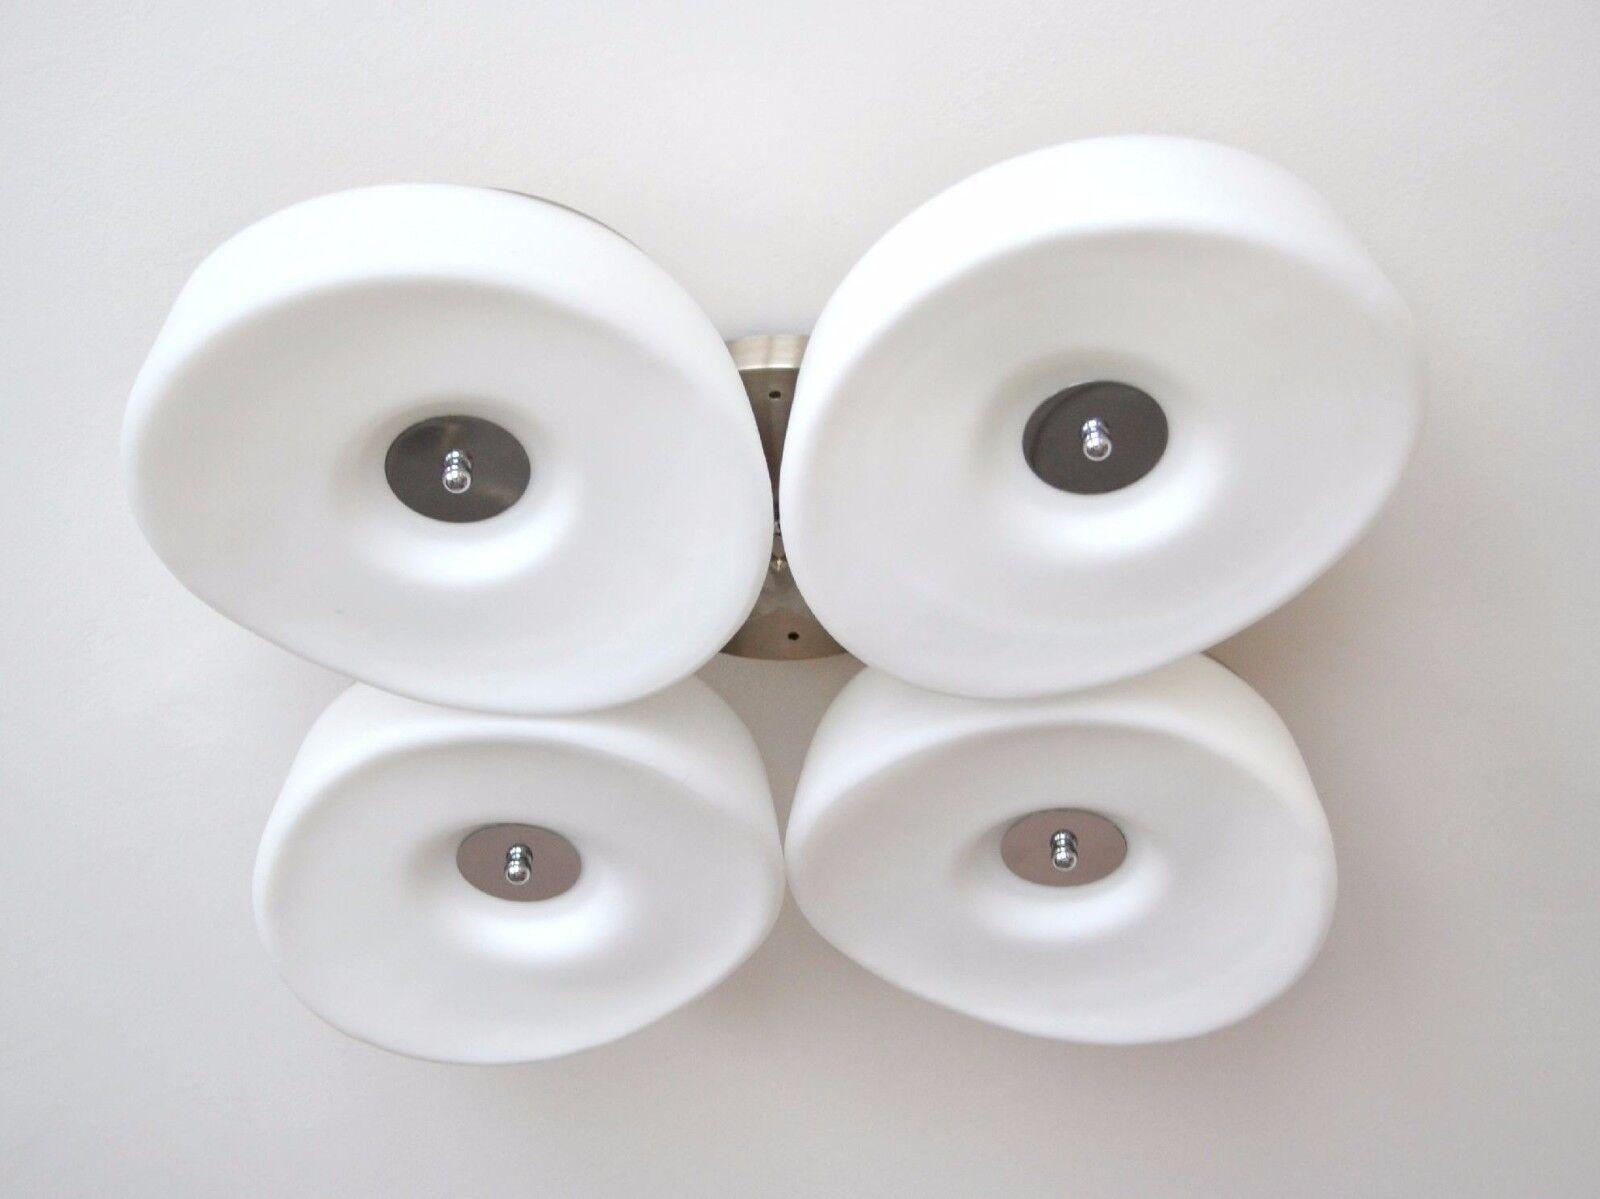 NEU Deckenlampe Deckenlampe Deckenlampe Deckenleuchte Lampe Leuchte 22 Watt Kaltweiß BlauME D4 AUSVERKAUF 0d2cd3